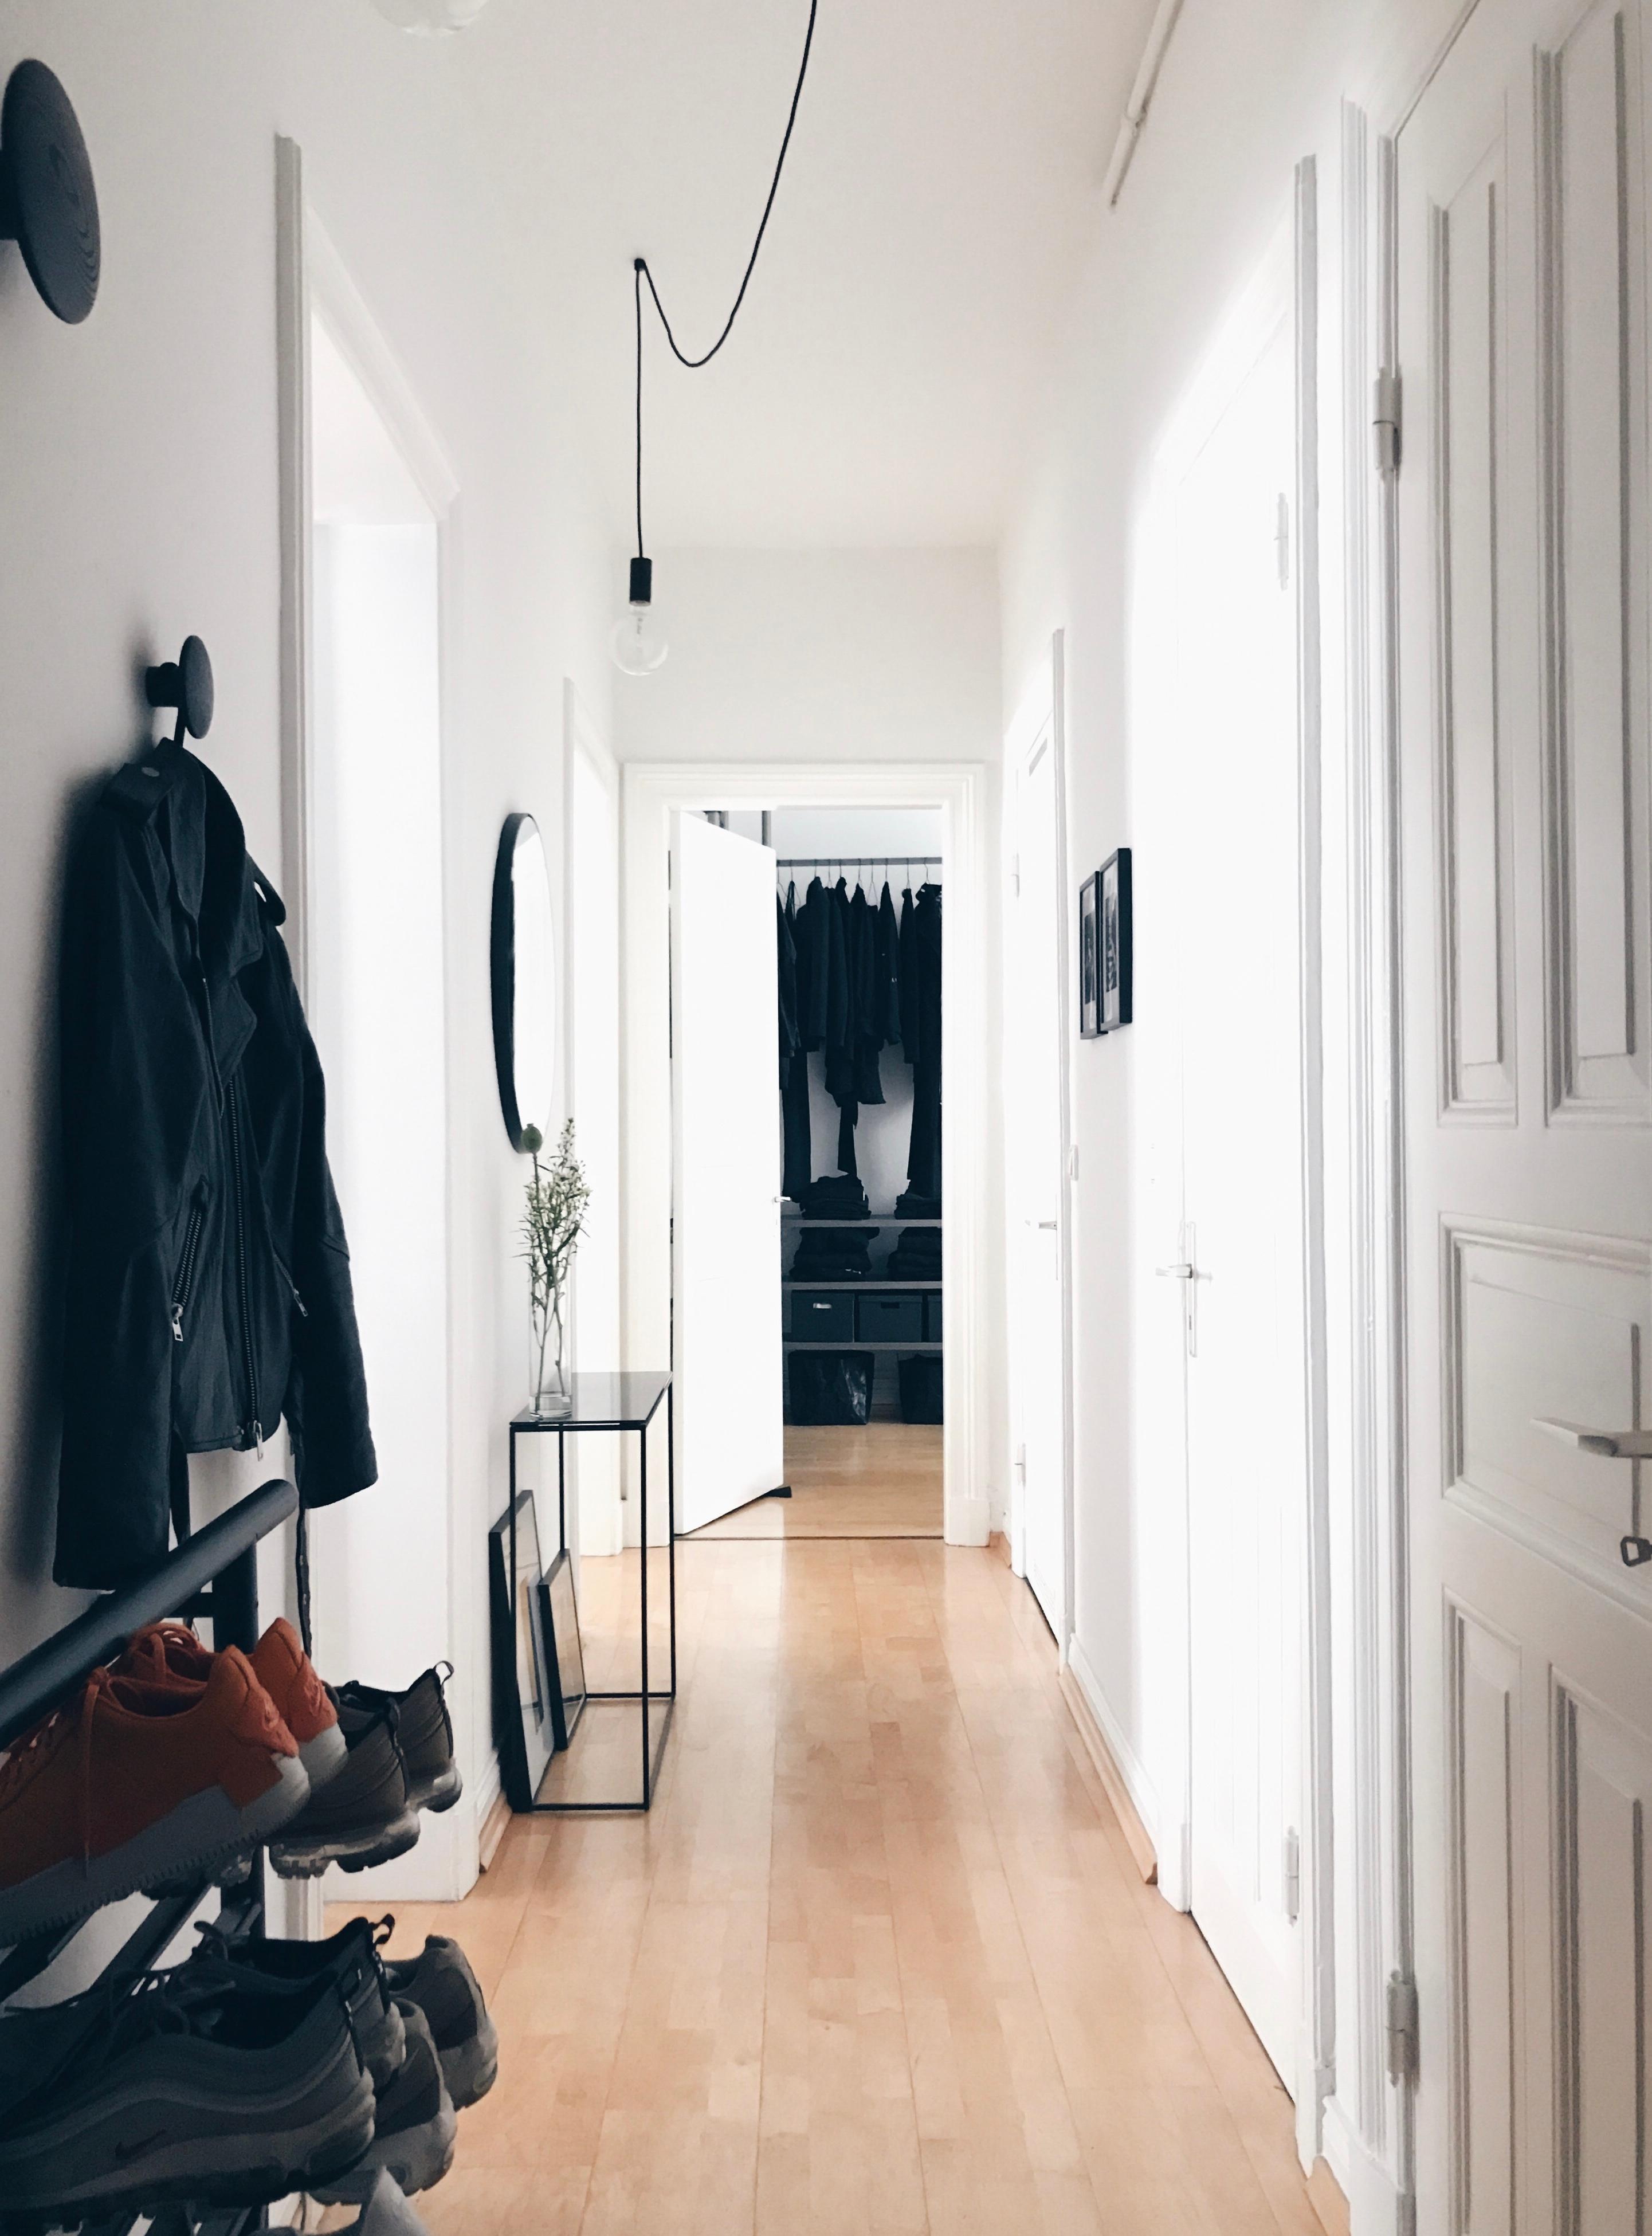 Weiter Geht Die #livingchallenge Mit #flur .. #altbau #altbauliebe  #minimalism